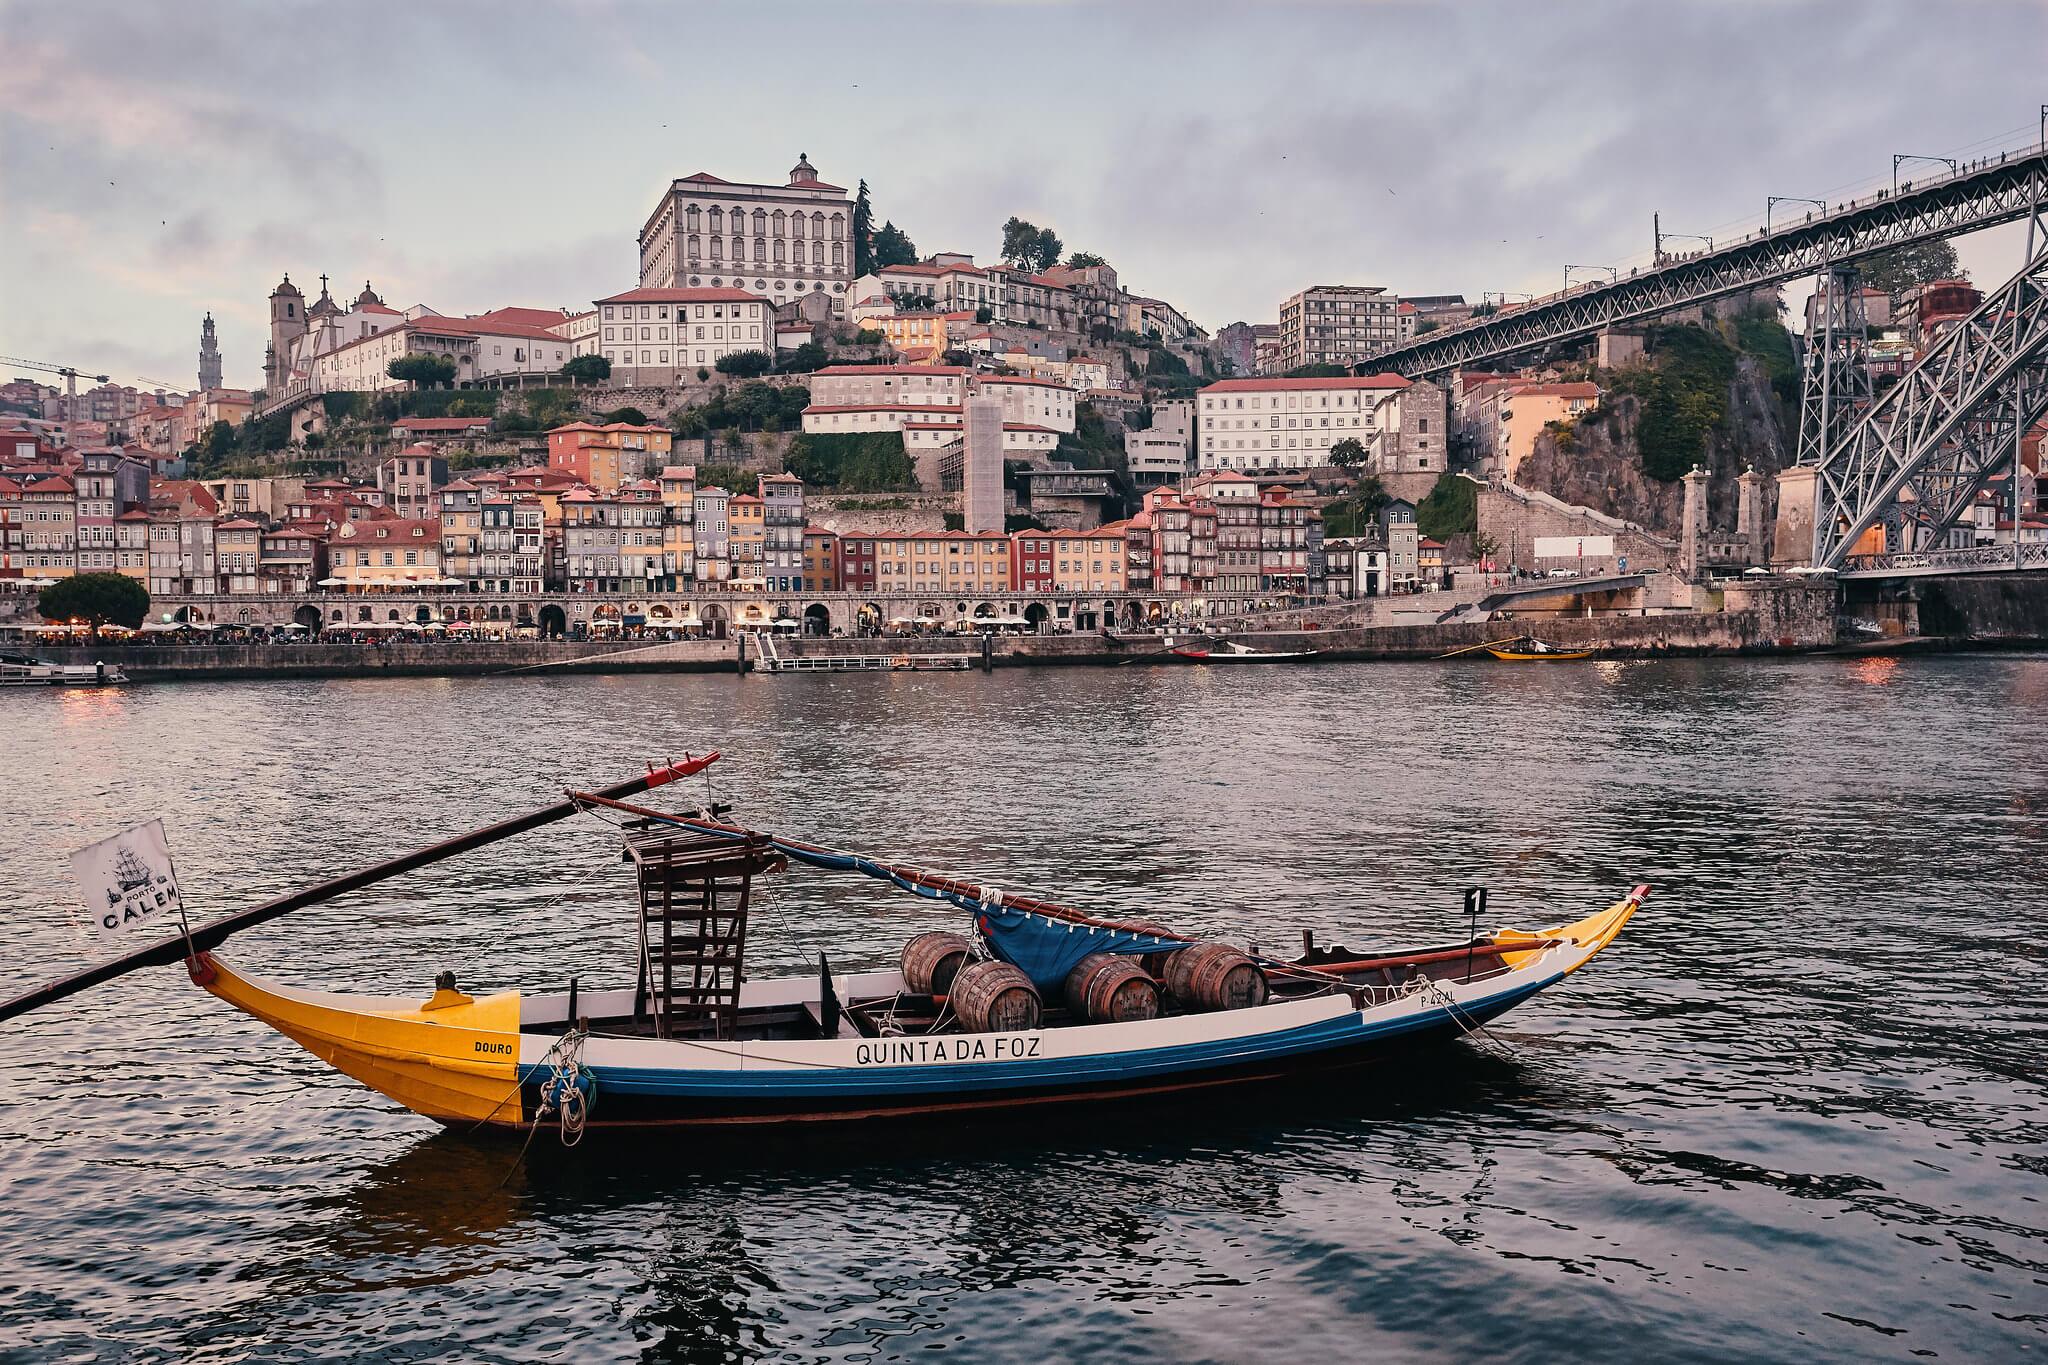 Pour ceux qui se qui se demandent que faire à Porto, on leur suggère une croisière sur le Douro, à bord d'un Rabelo, bateau servant autrefois au transport des fûts de vin.